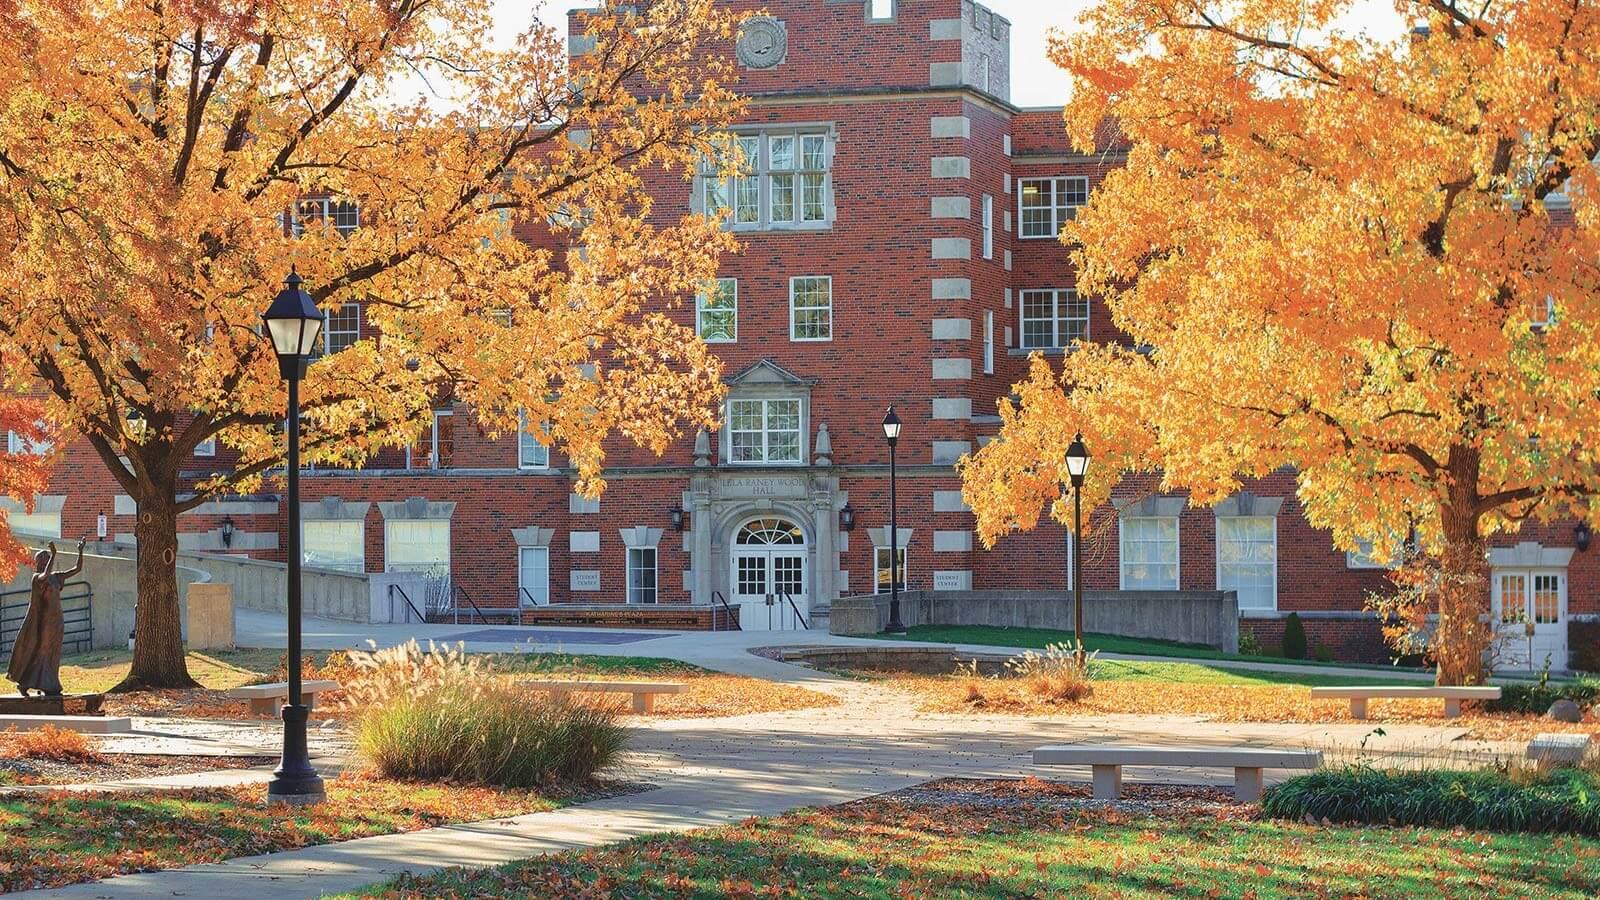 Stephens College Cappex